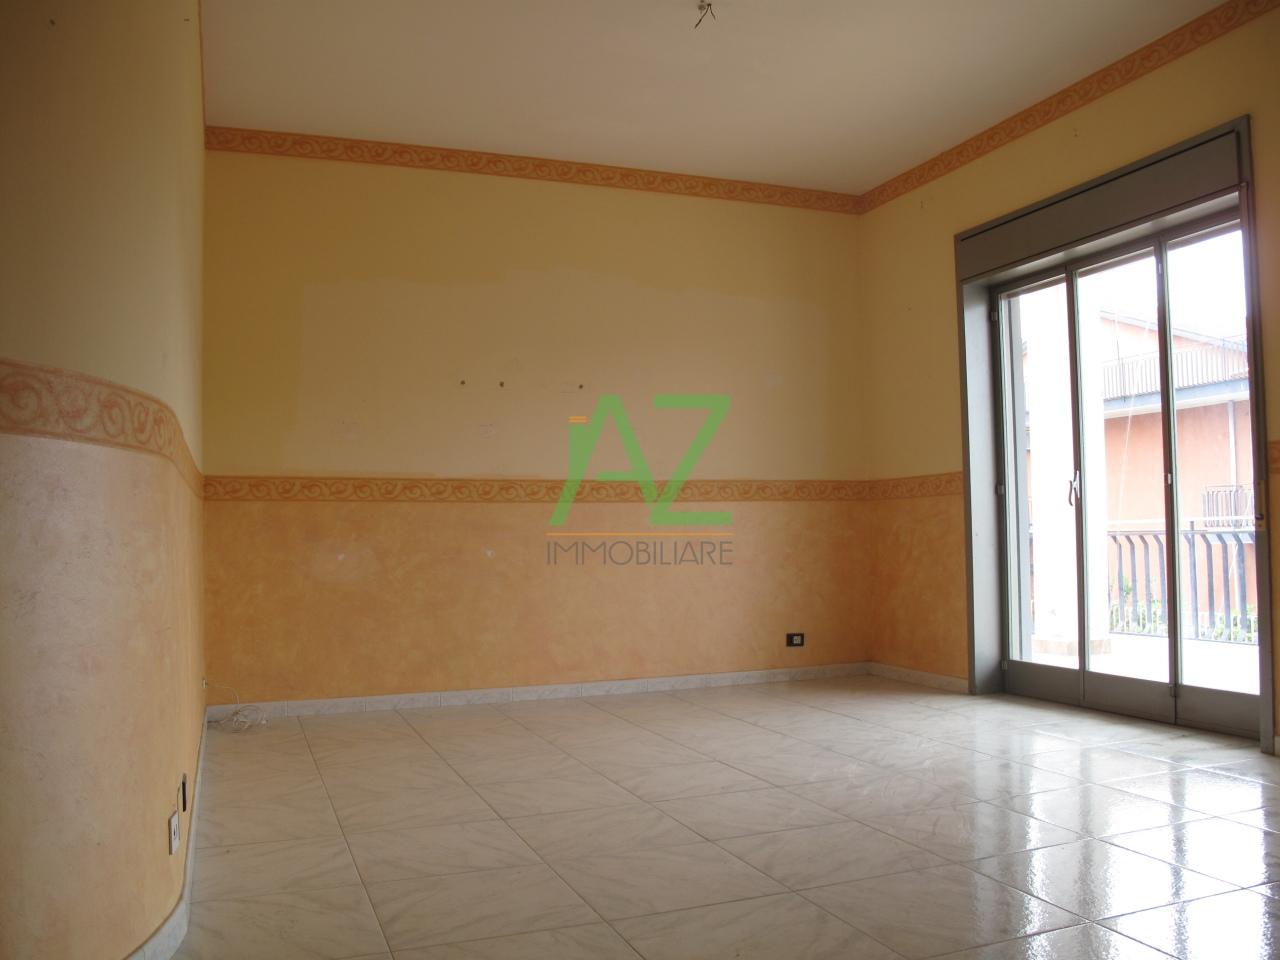 Appartamento in vendita a Misterbianco, 4 locali, prezzo € 120.000 | Cambio Casa.it